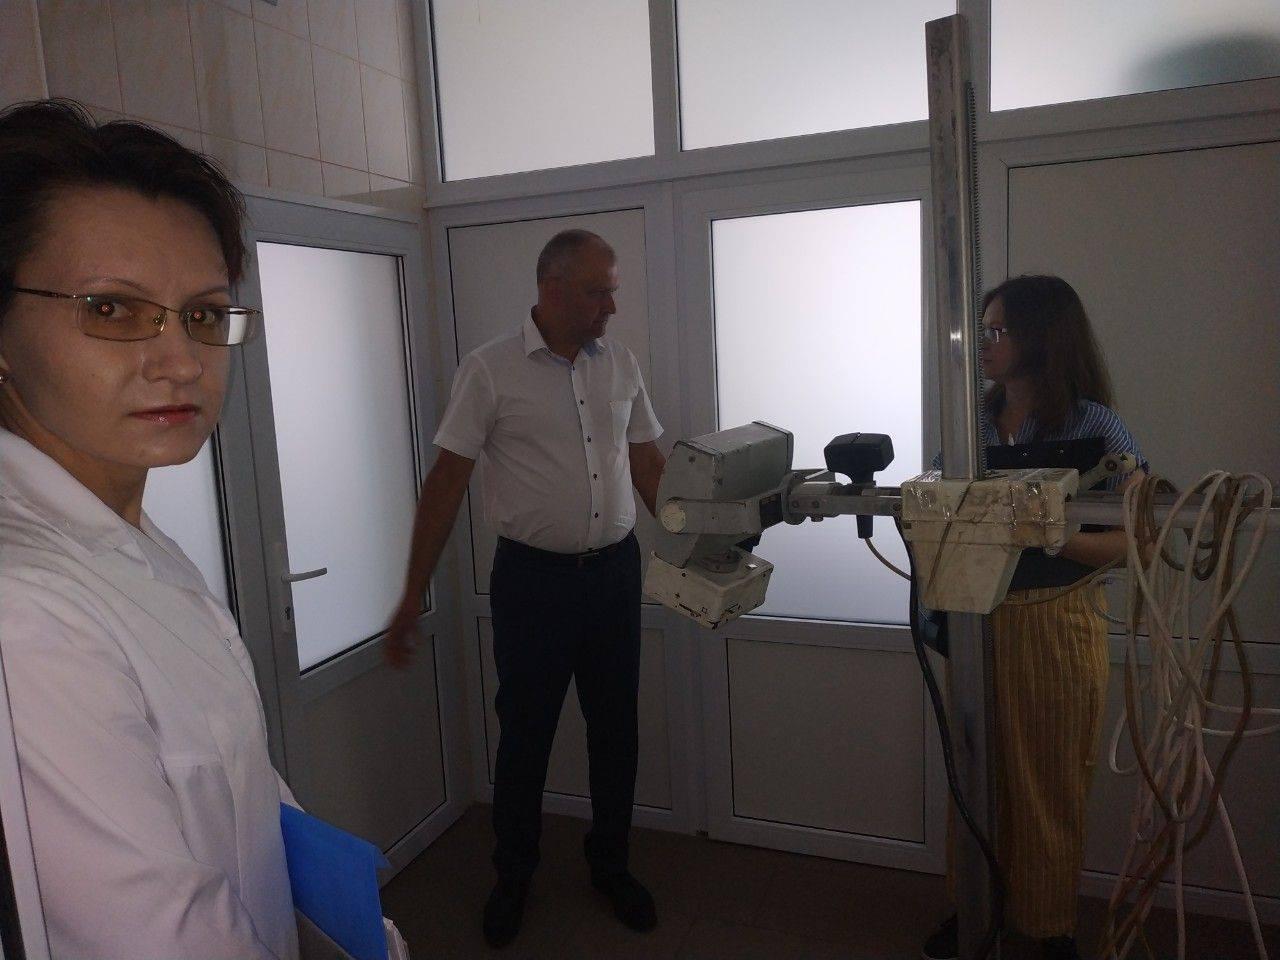 Ніжин, медичні заклади, рентген, оперативне втручання